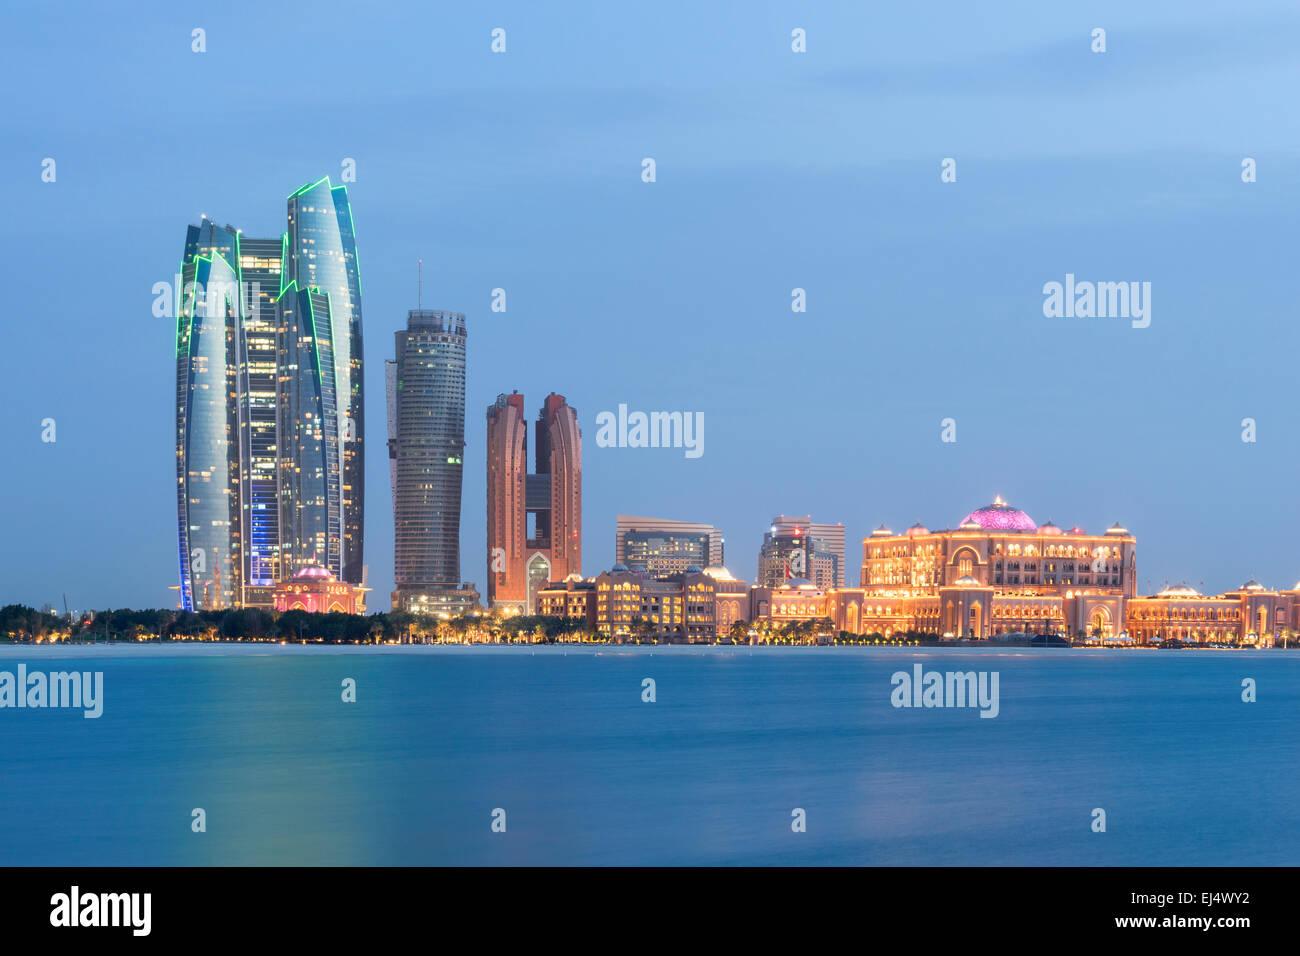 Por la noche el horizonte de Abu Dhabi, en Emiratos Arabes Unidos Imagen De Stock